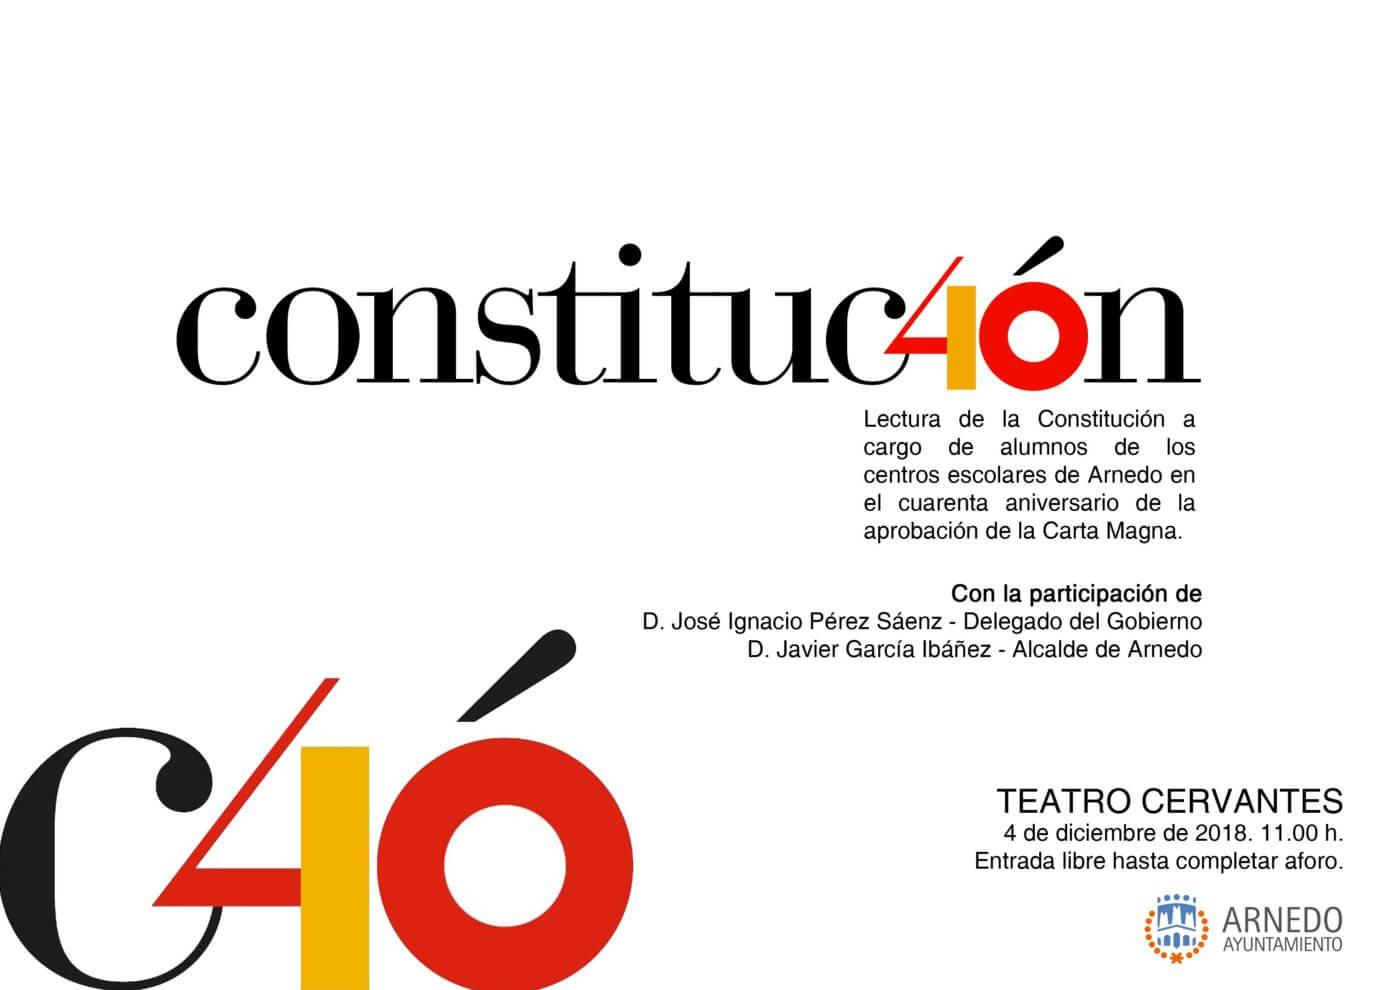 El teatro Cervantes de Arnedo acoge este martes 4 de diciembre un acto institucional del 40 aniversario de la Constitución Española